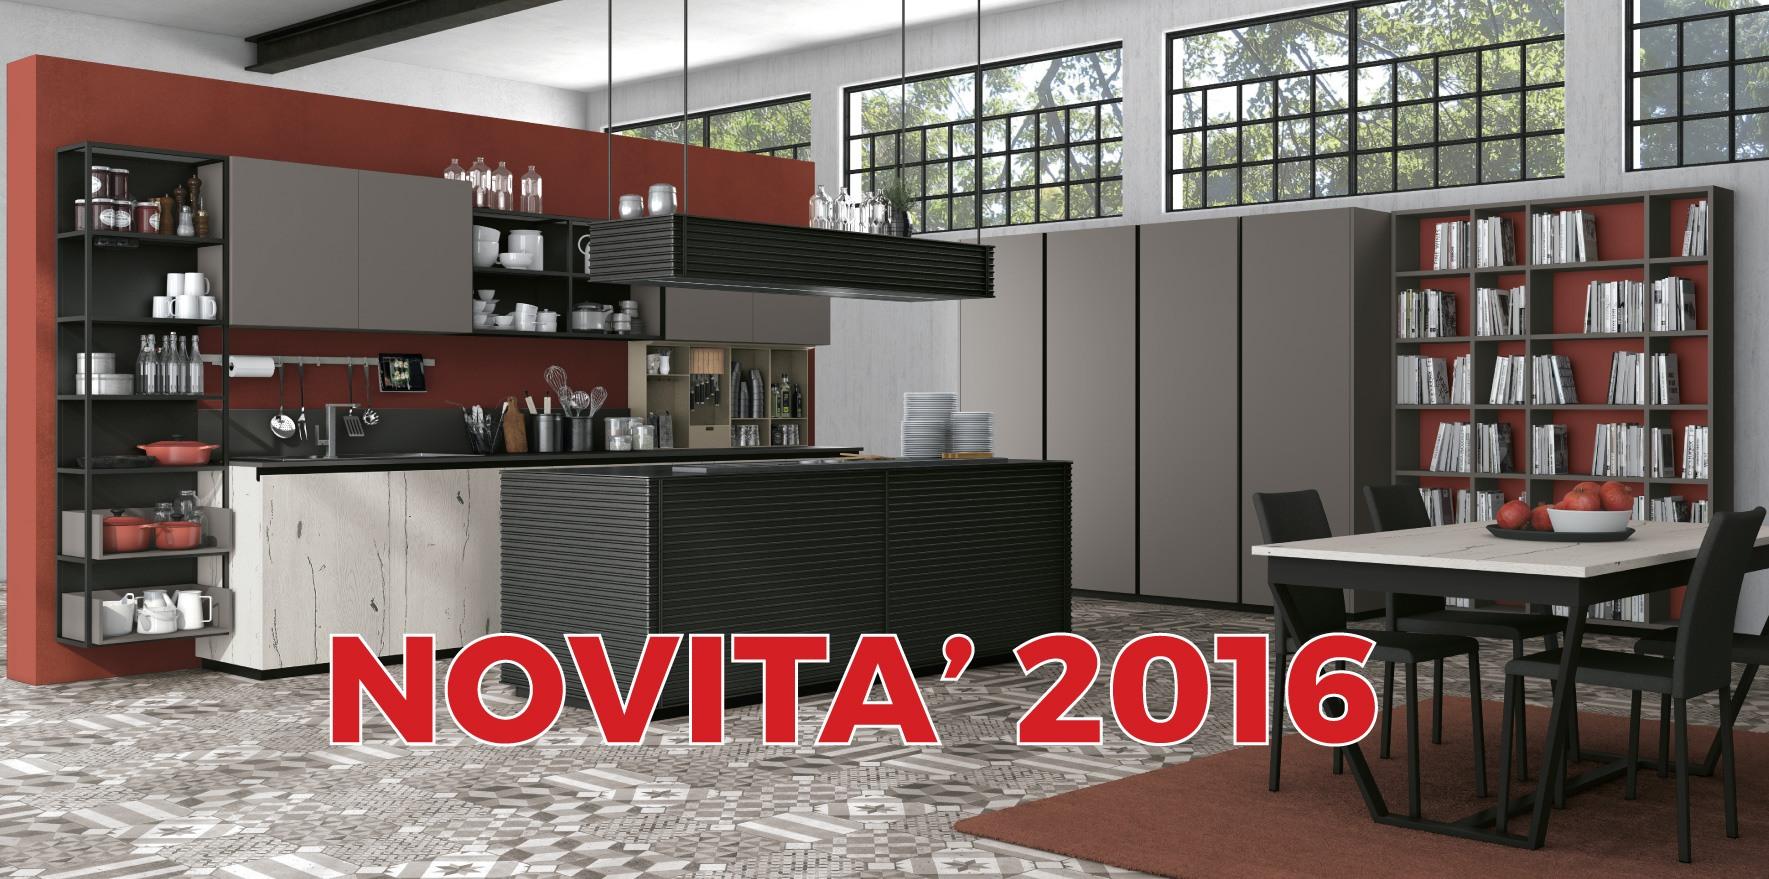 novita_2016_lube1